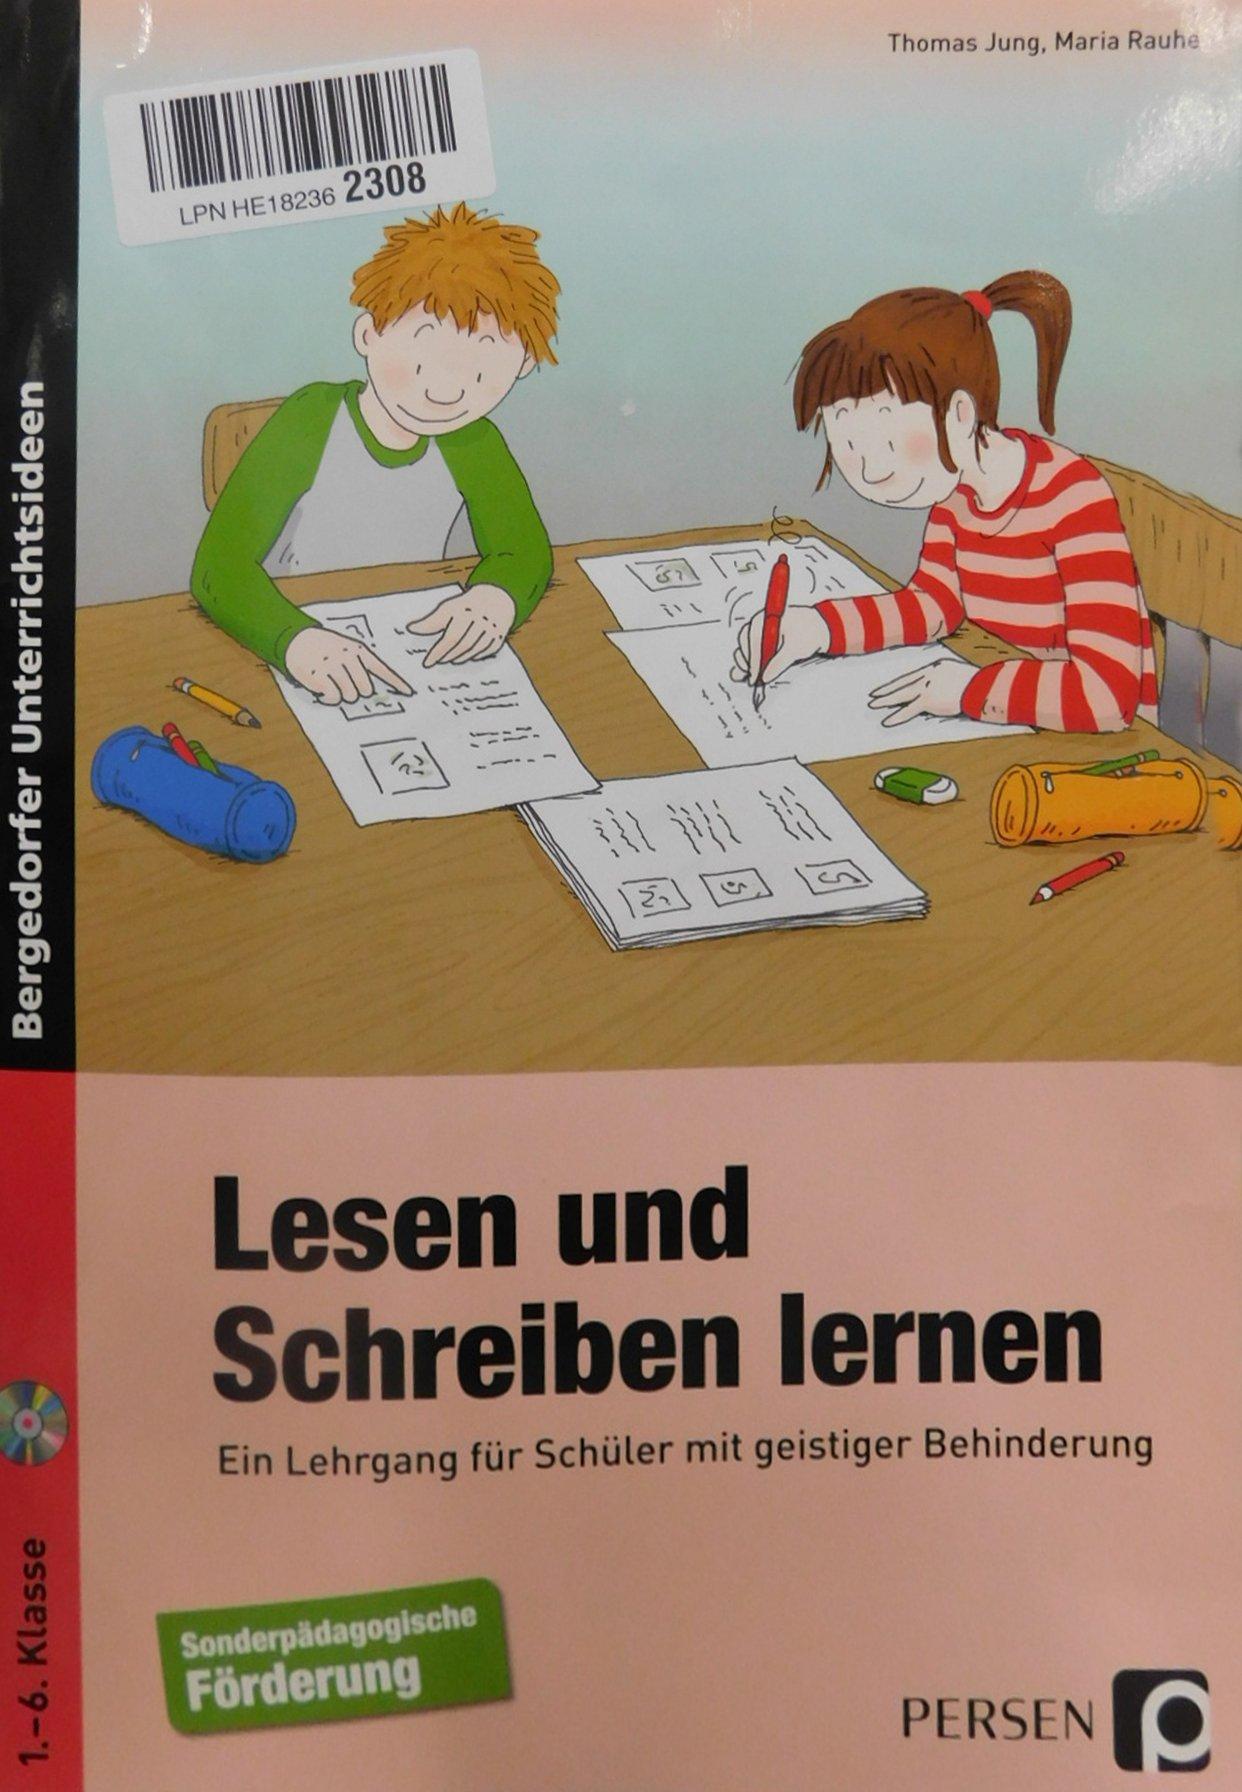 Lesen und Schreiben lernen: Ein Lehrgang für Schüler mit geistiger ...